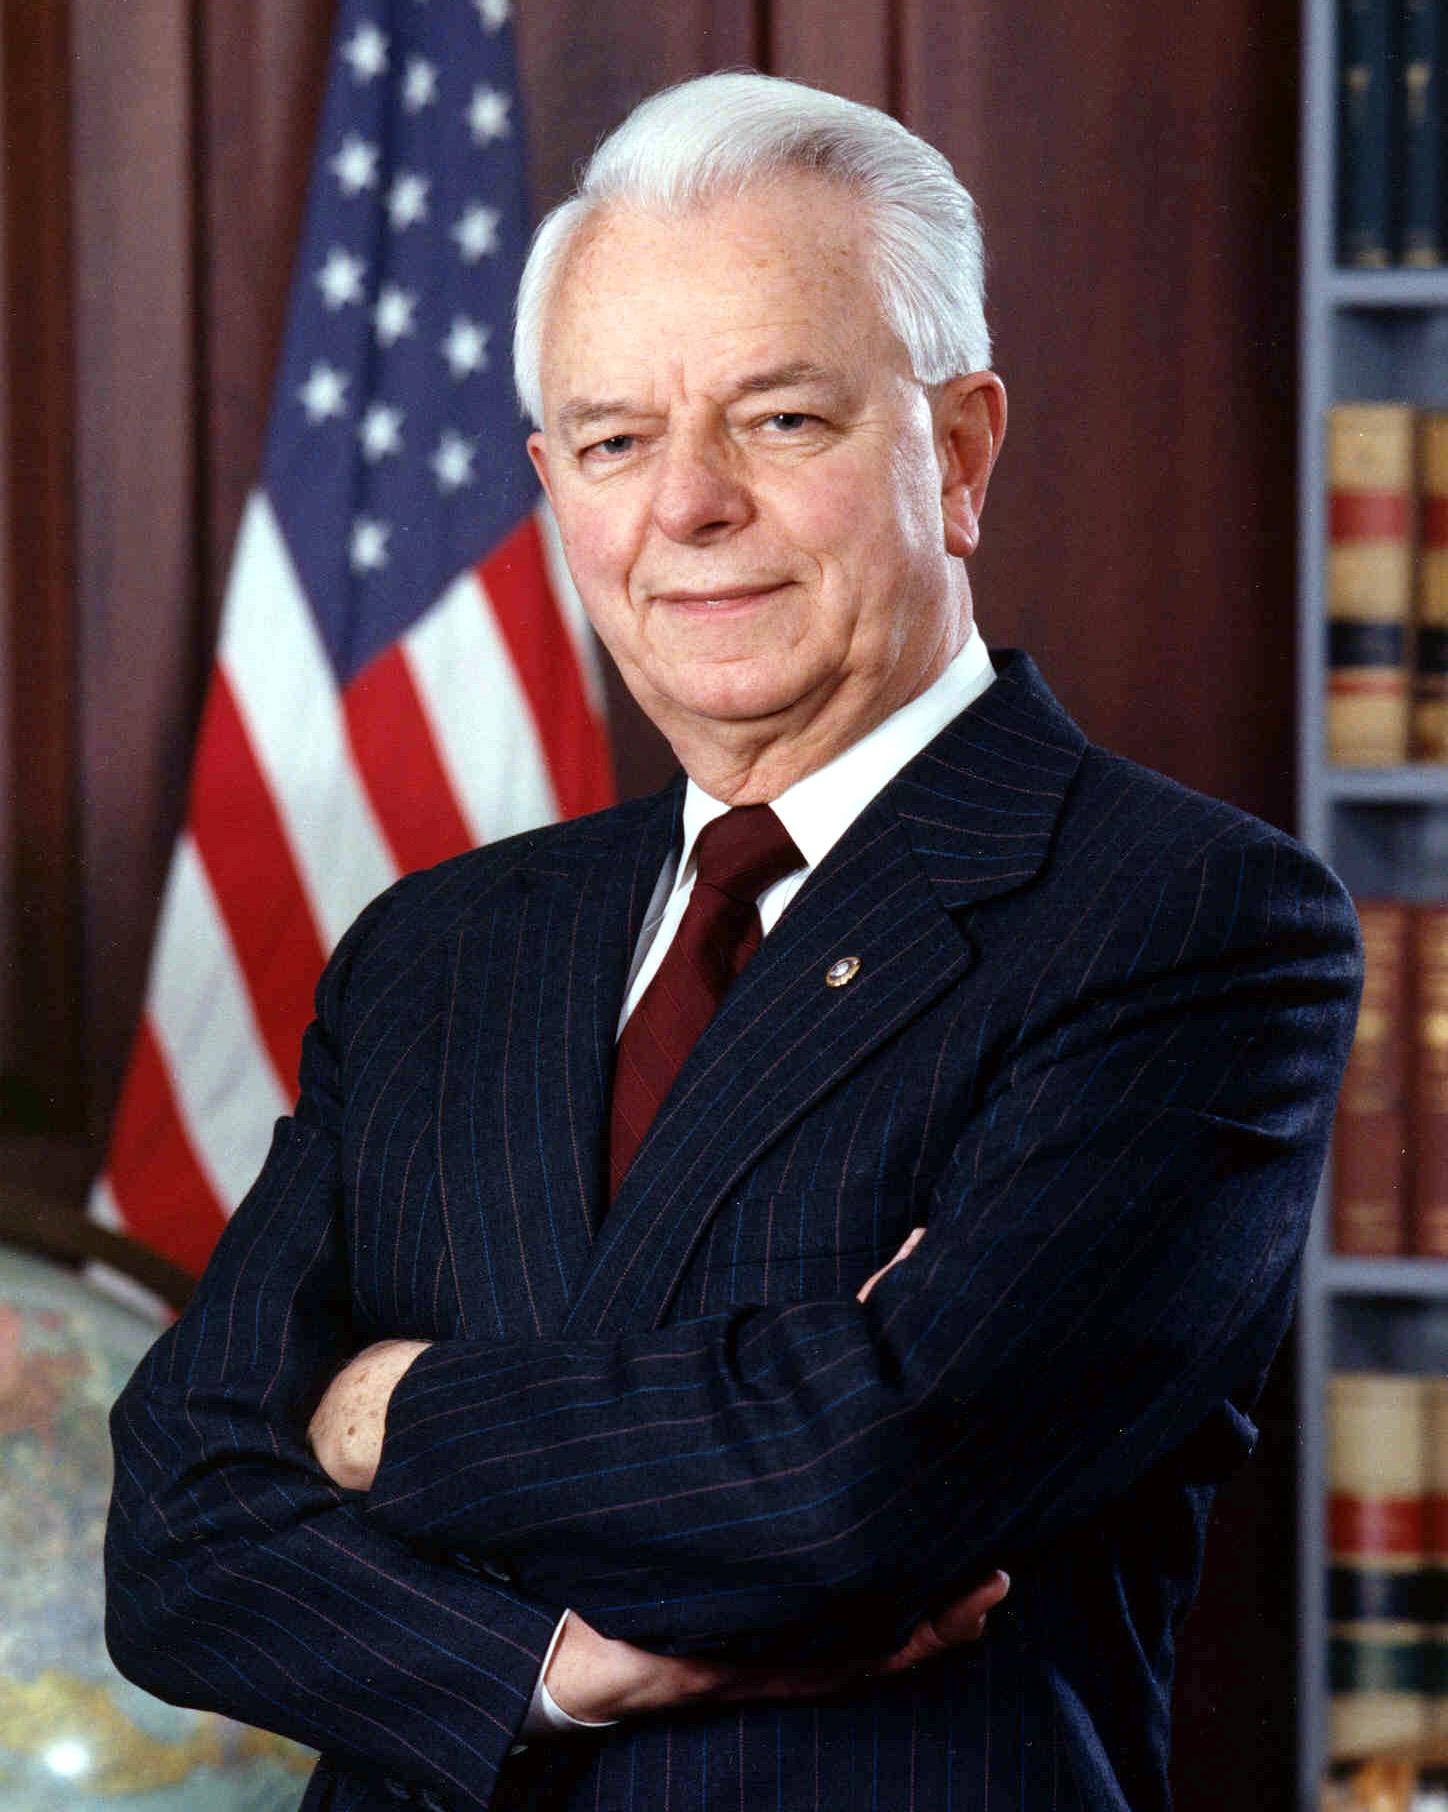 U.S. Robert C. Byrd, WVa-D